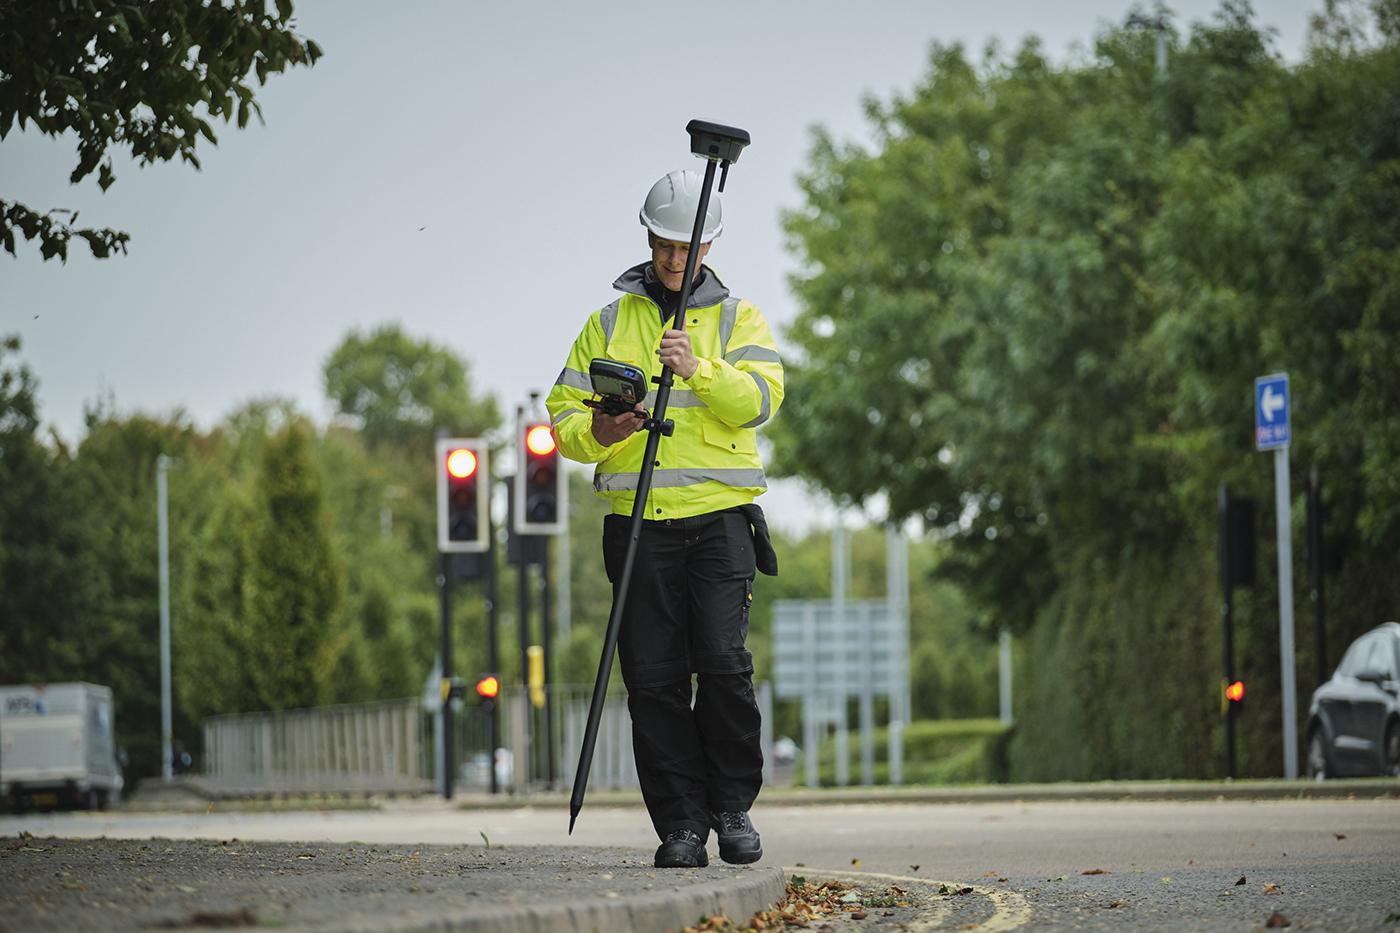 Cameratechnologie toegevoegde waarde bij GNSS